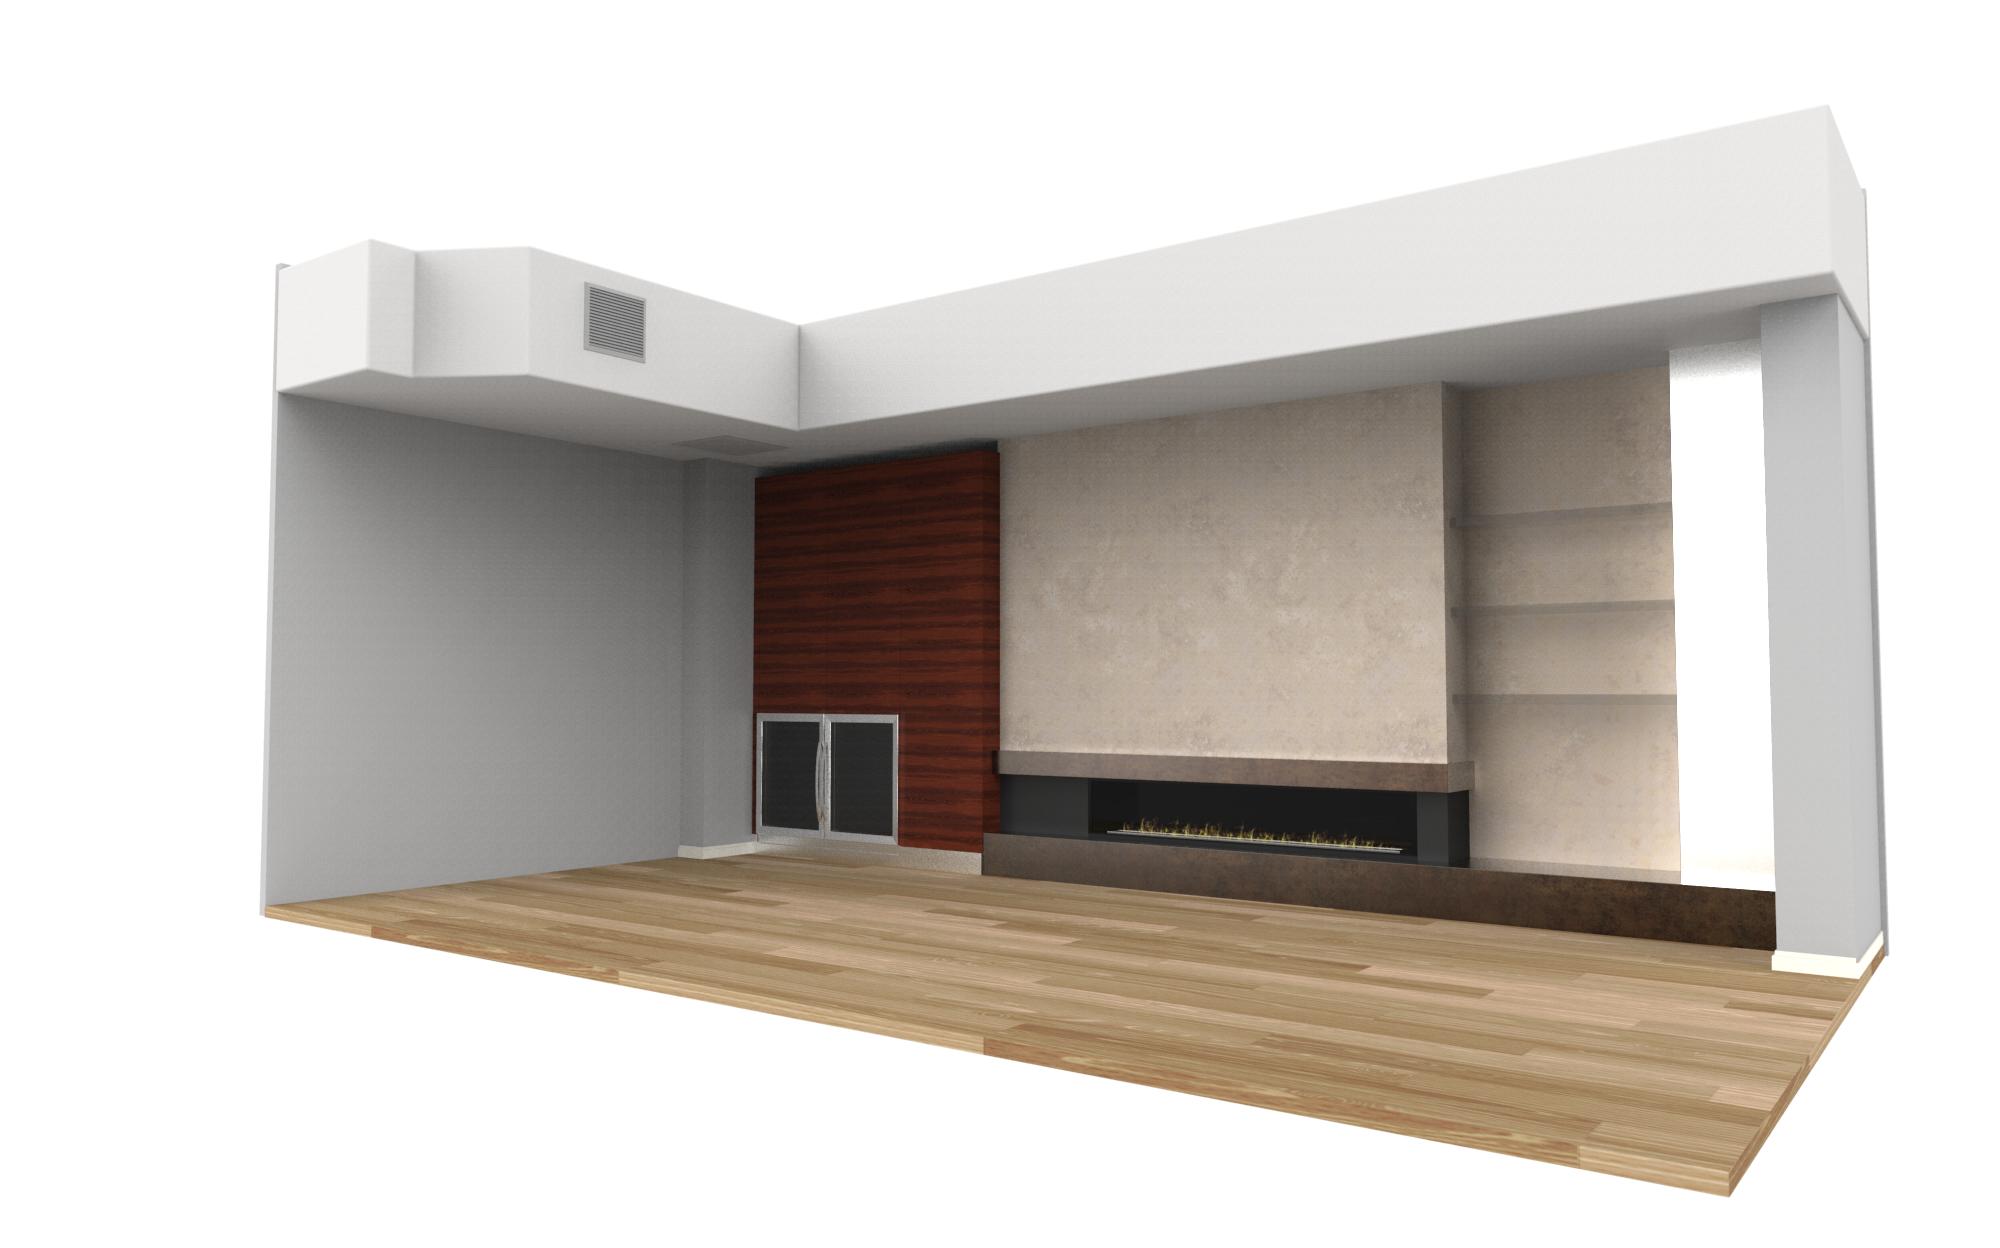 Fireplacev1.623.png